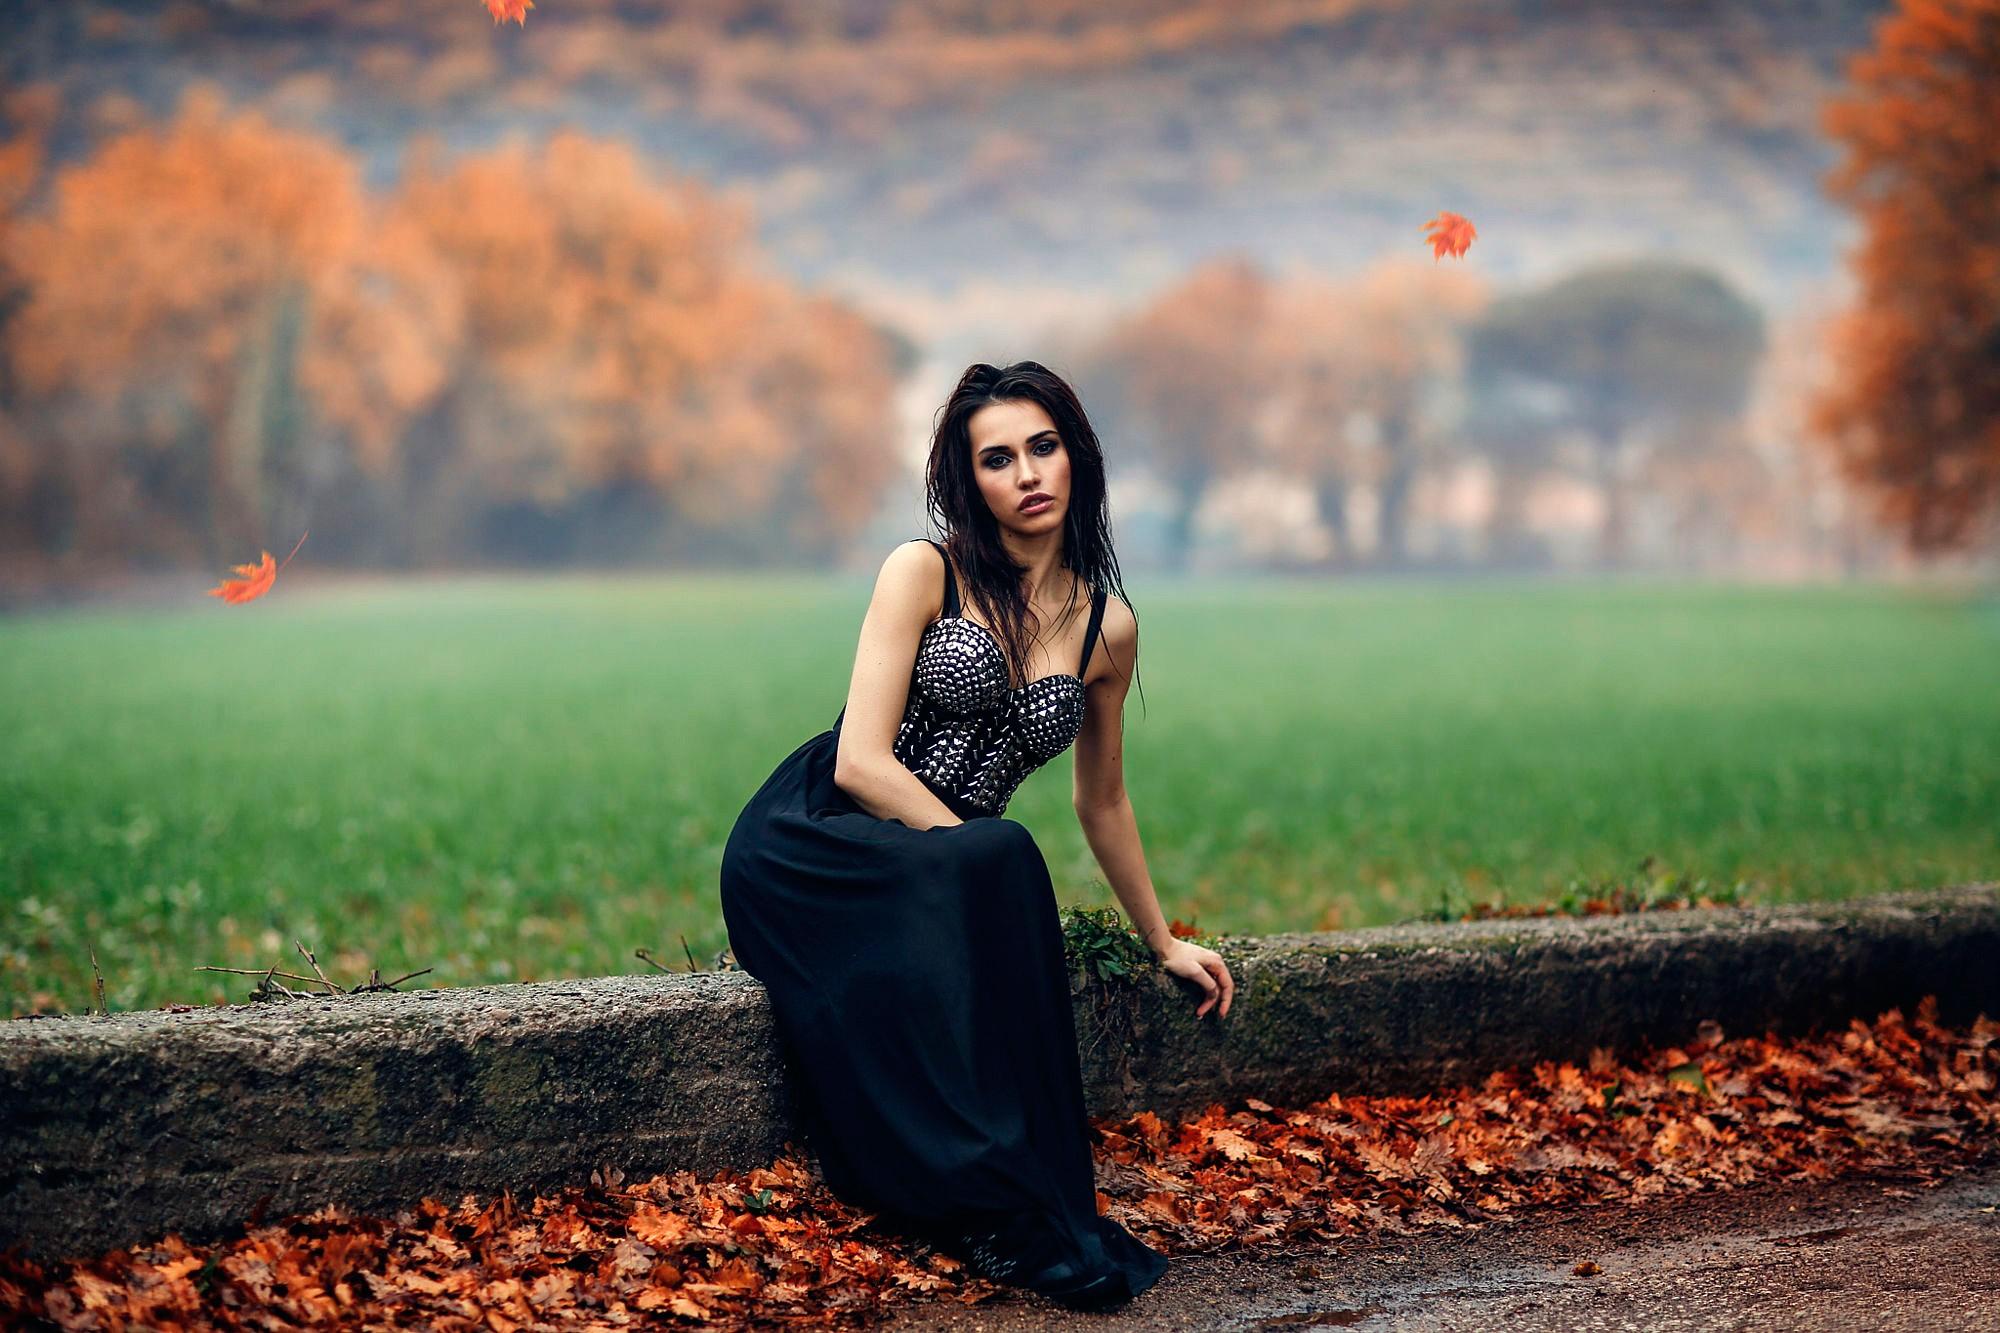 Красивые картинки девушек брюнеток и осень